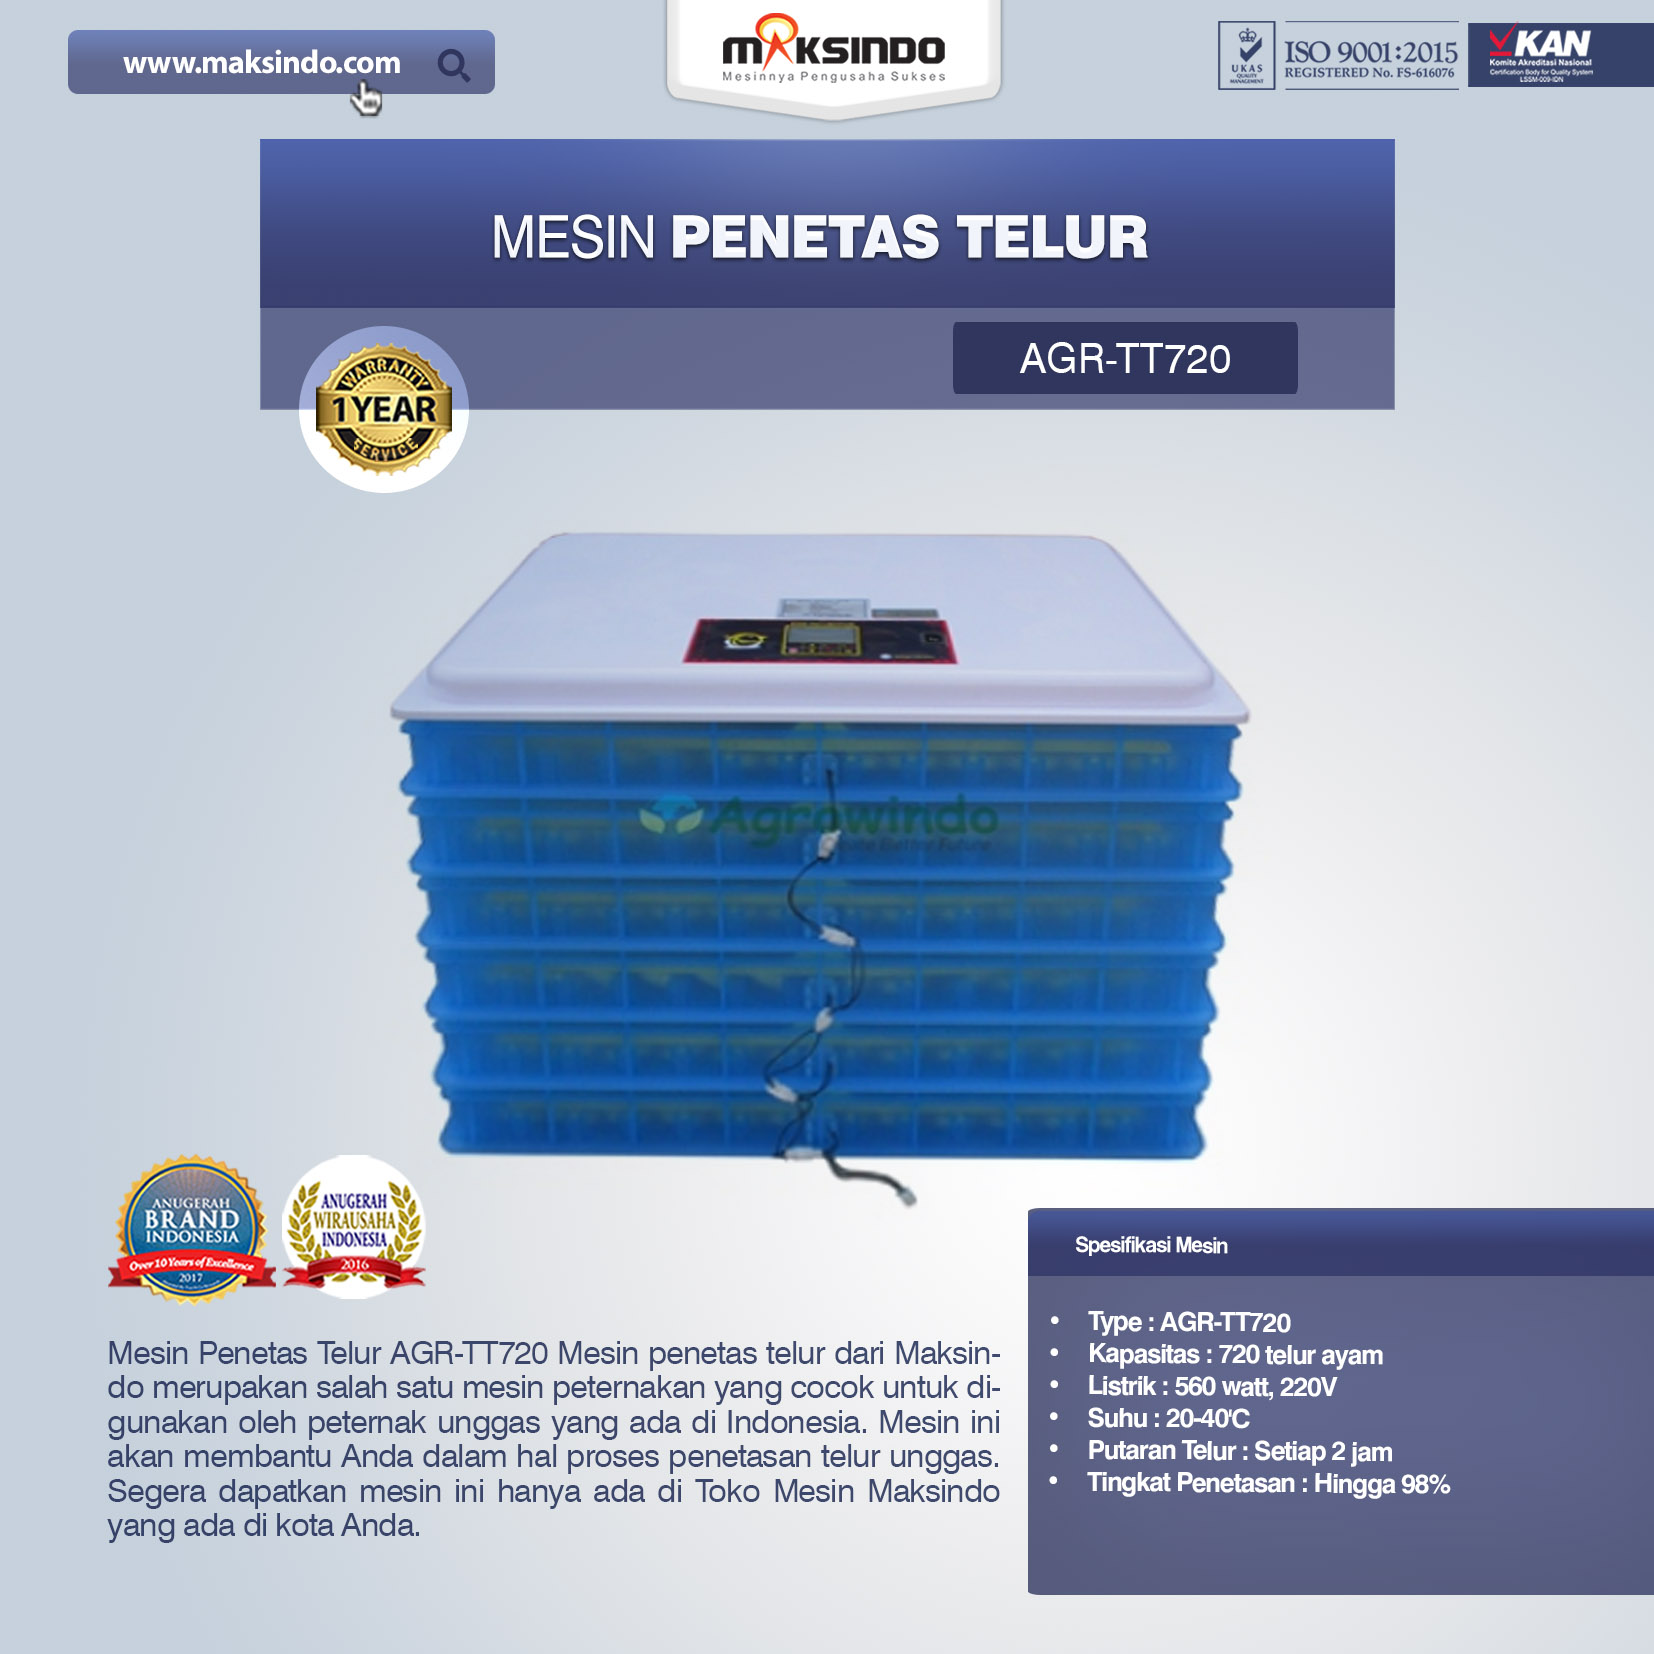 Jual Mesin Penetas Telur AGR-TT720 di Tangerang